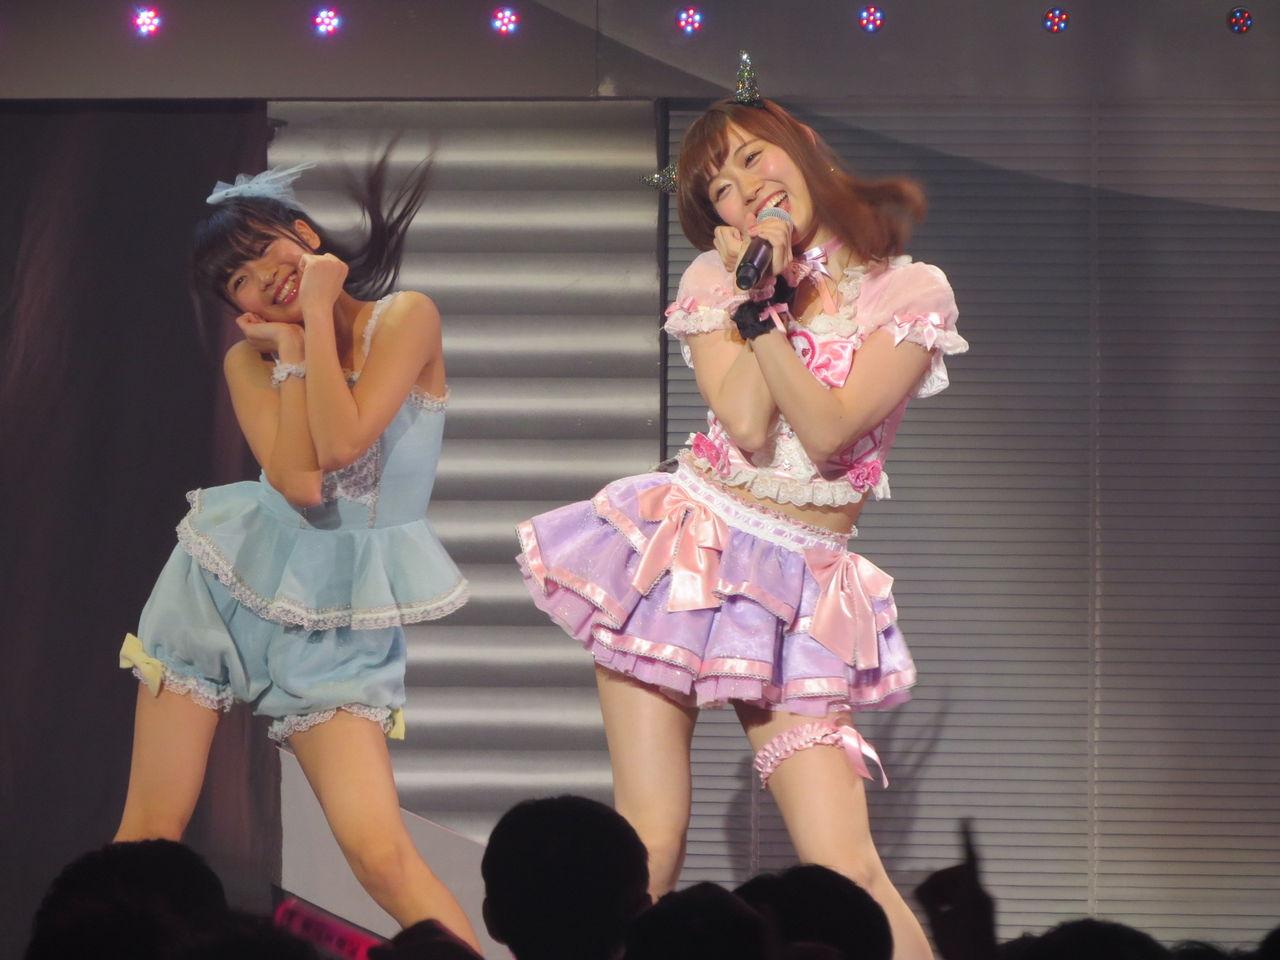 【朗報】NMB48安田桃寧ちゃんの意識が高い!